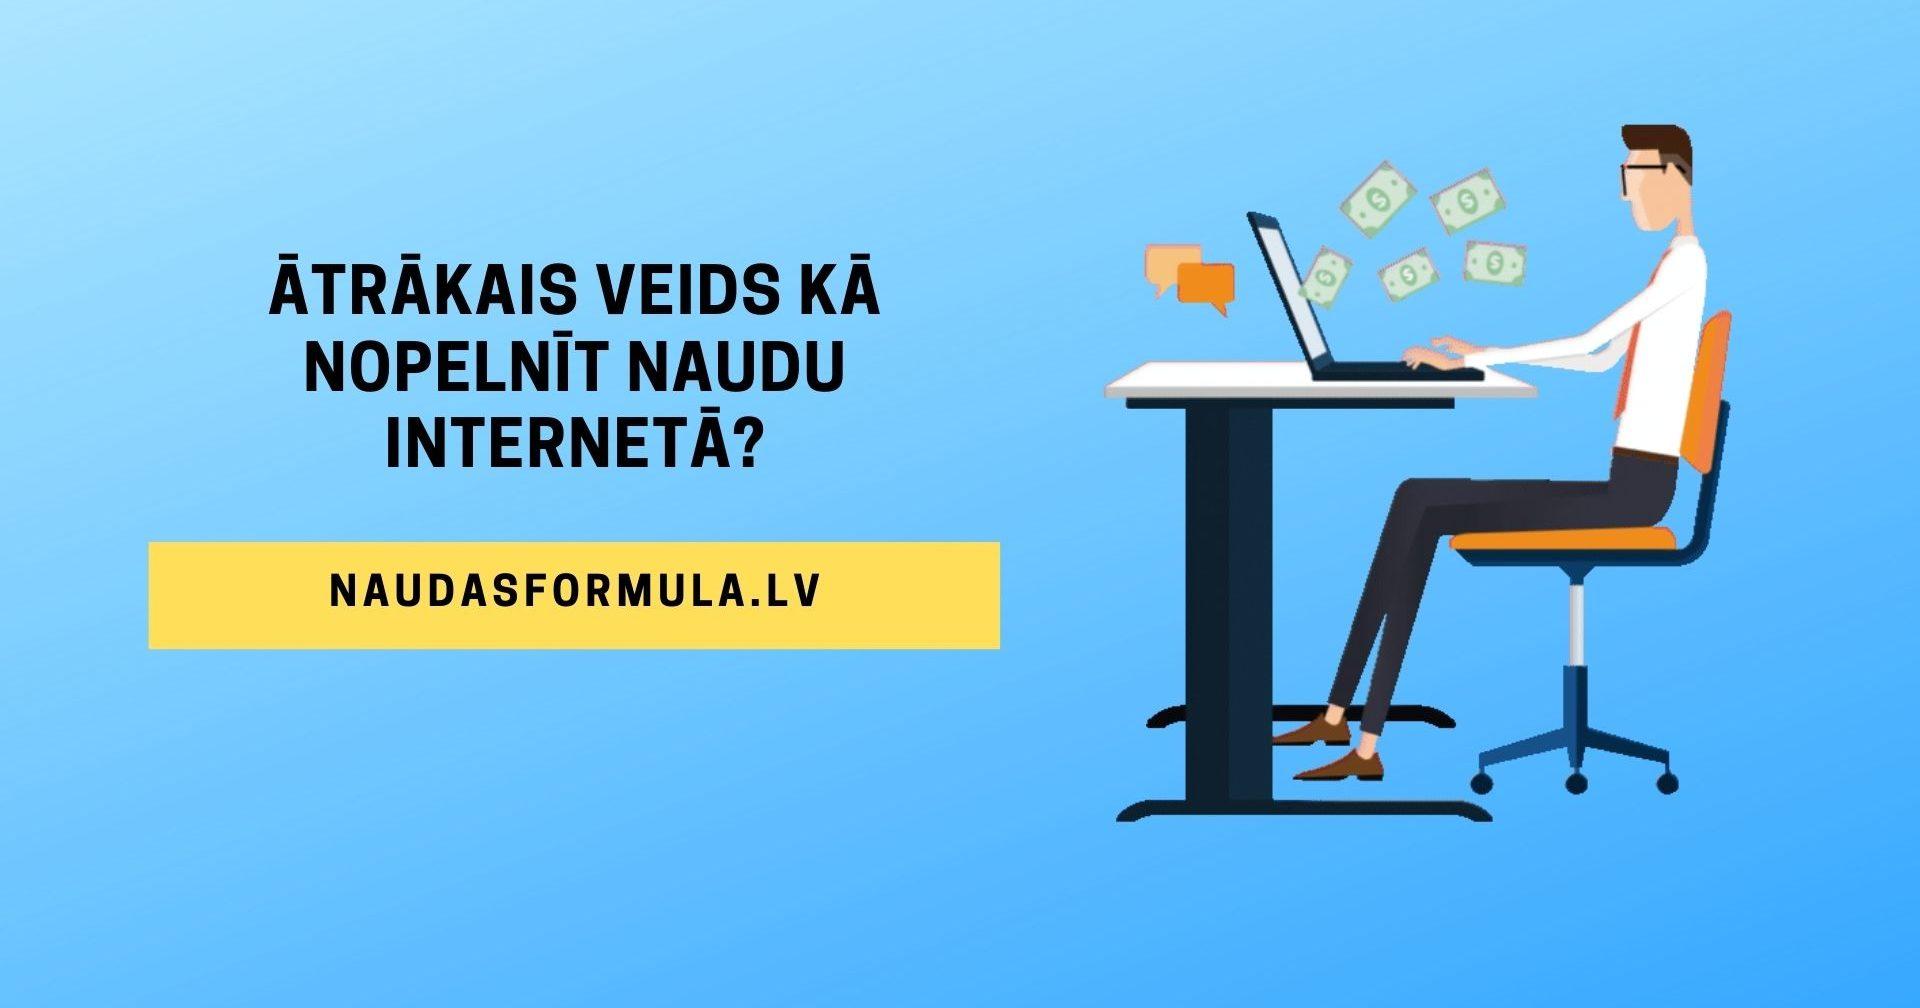 miljonāri, kuri pelnīja naudu tiešsaistē